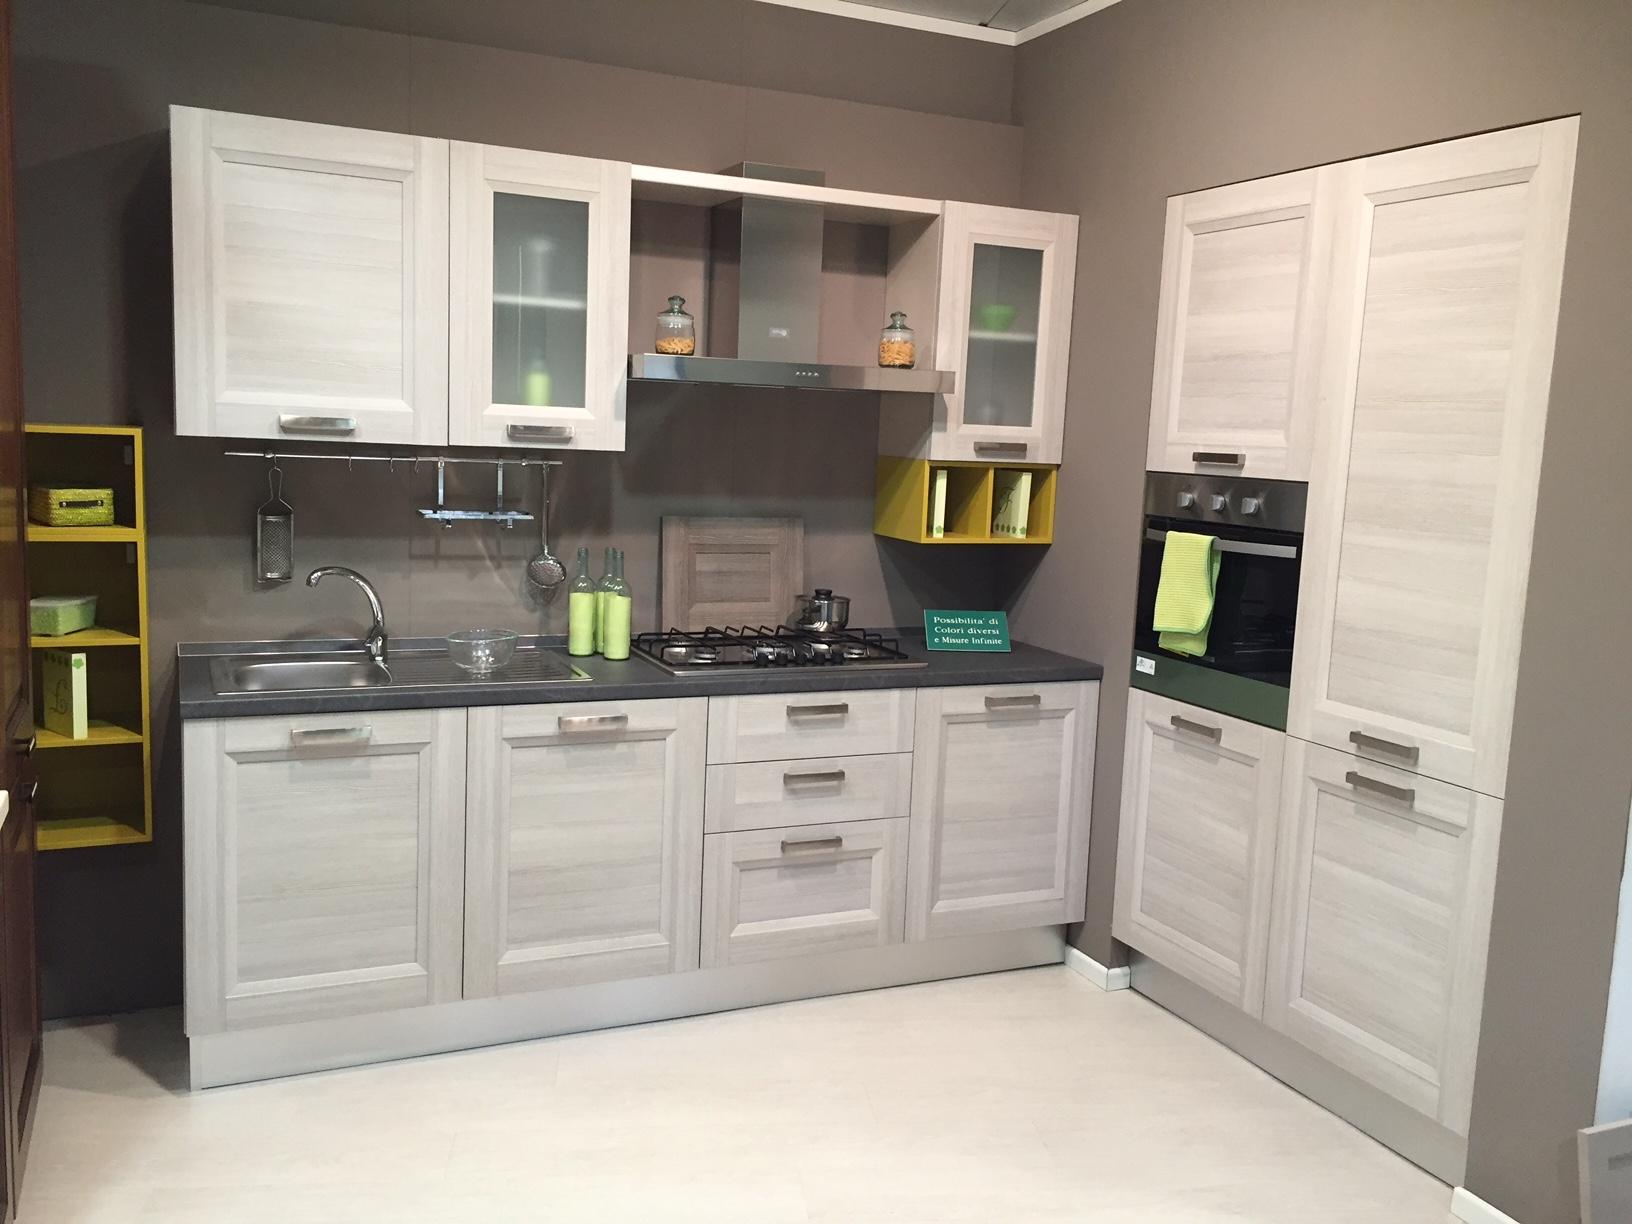 Cucina creo kitchens mya moderno laminato materico larice cm cucine a prezzi scontati - Creo cucine lube ...